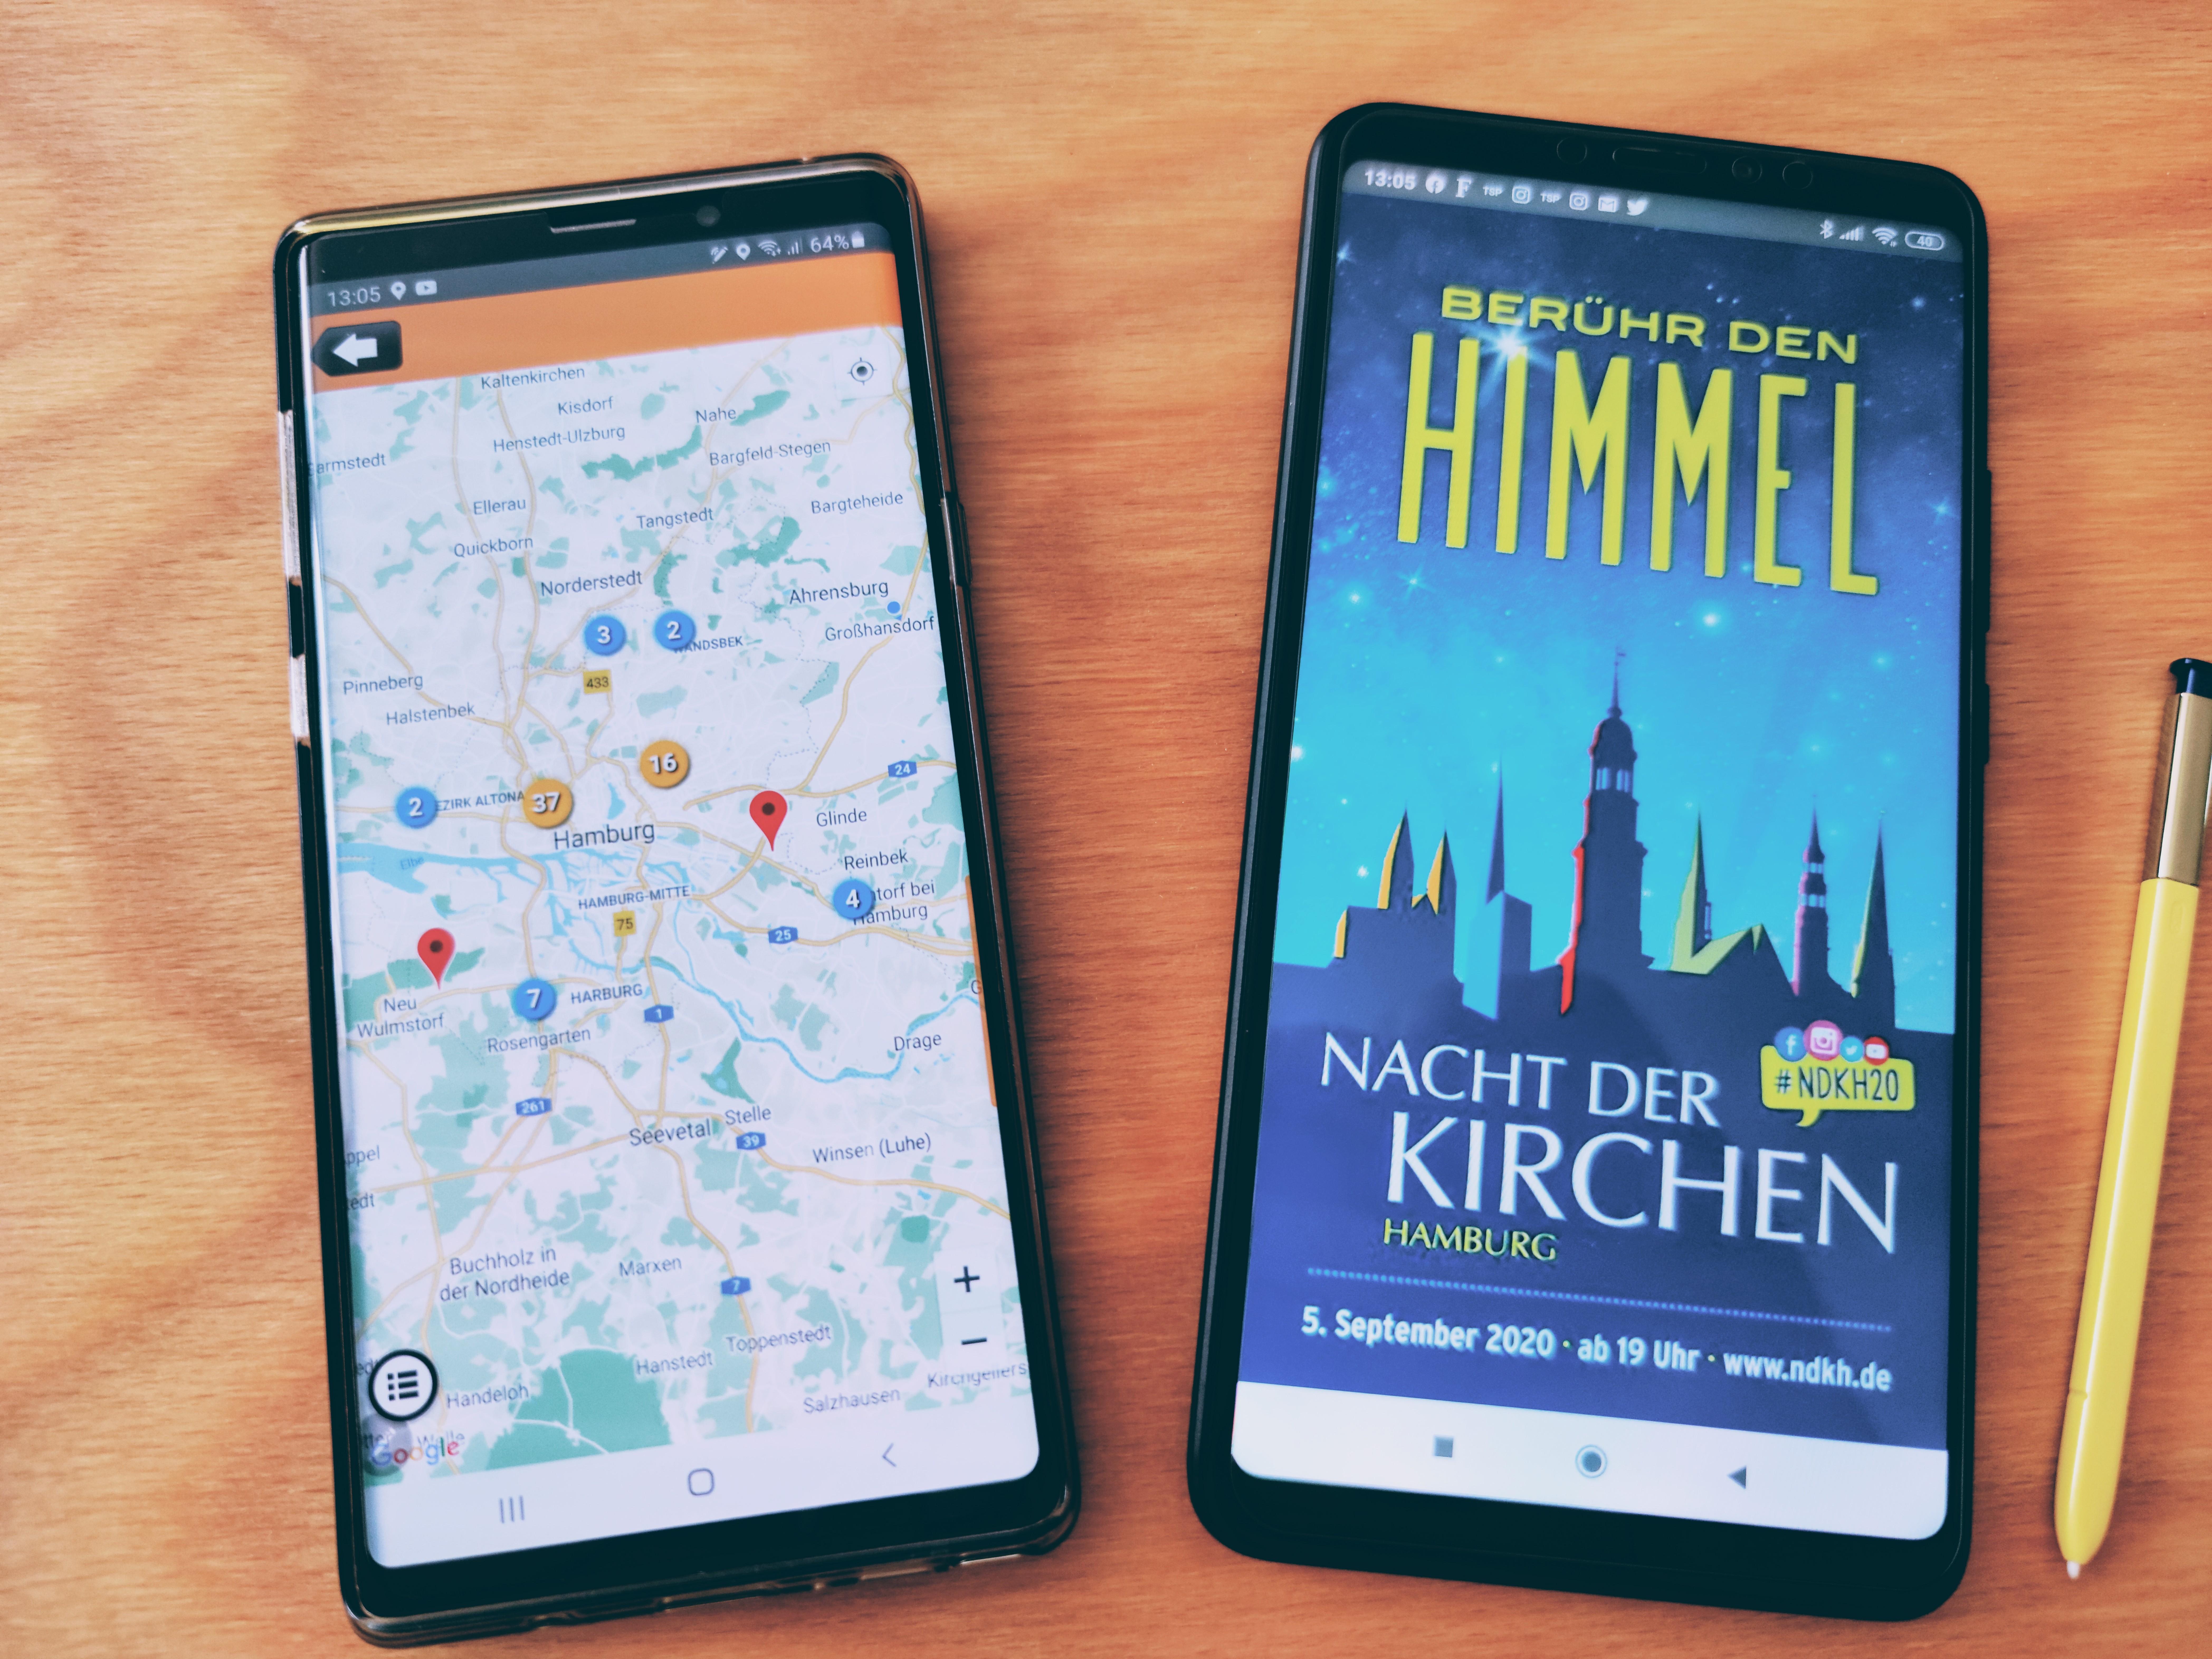 Smartphone mit der App Kirchennacht